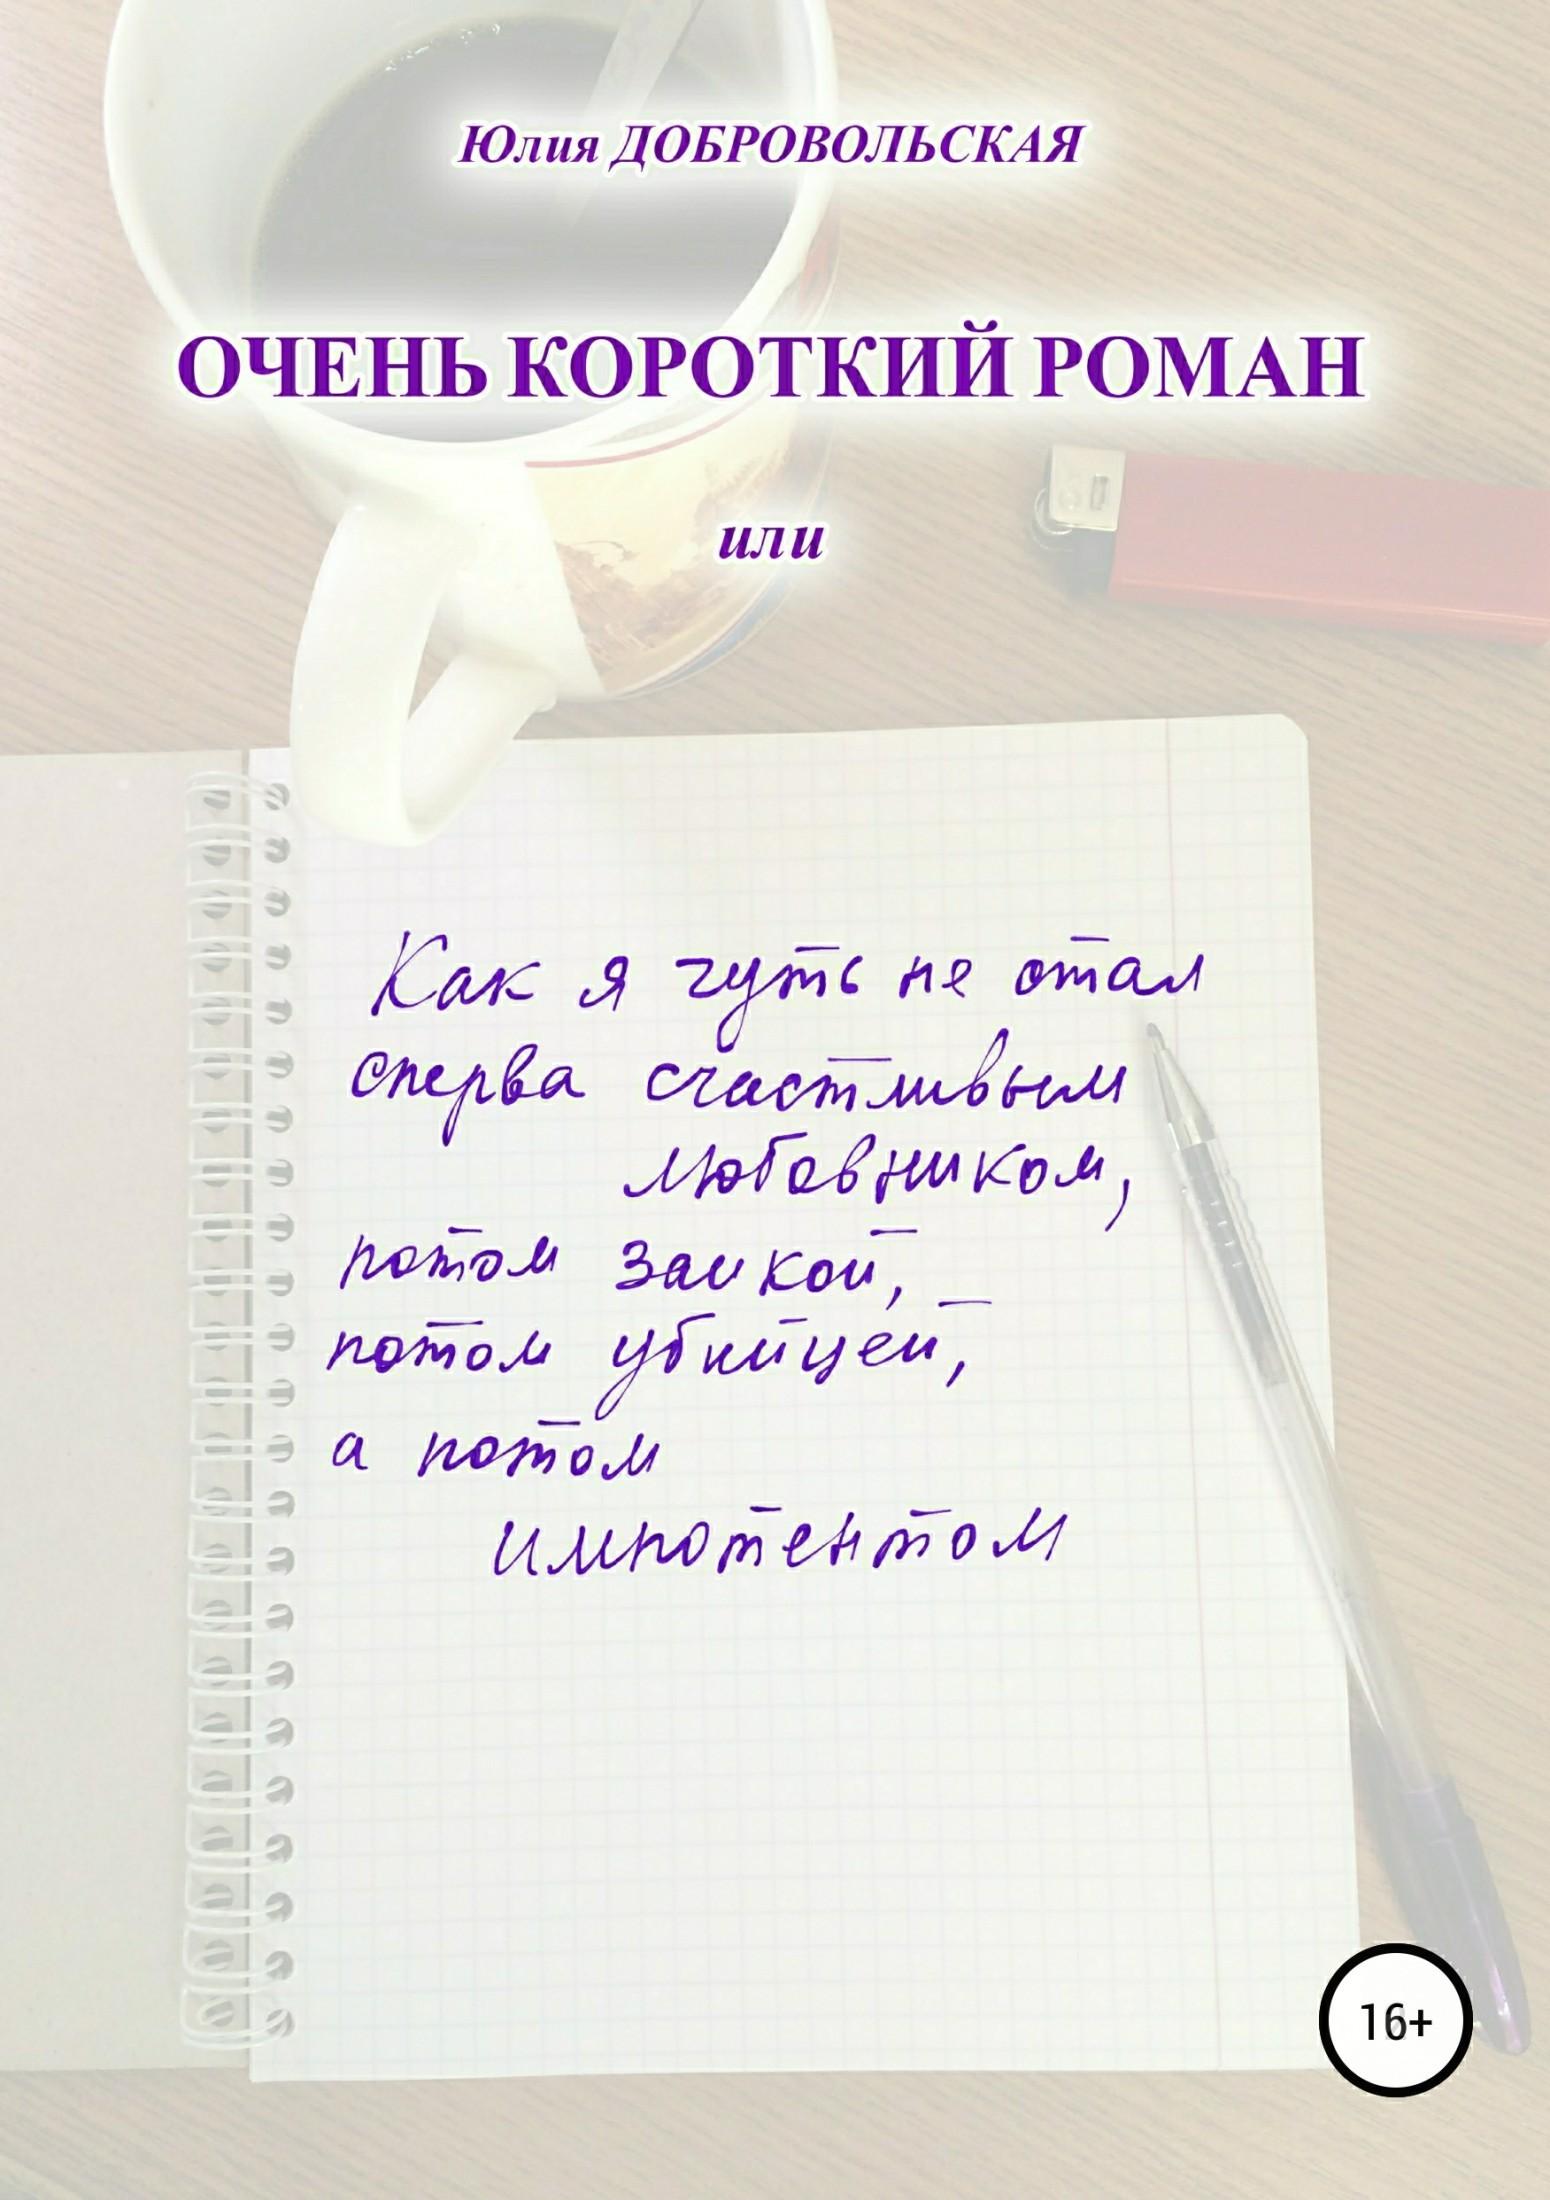 Юлия Добровольская Очень короткий роман, или Как я чуть не стал сперва счастливым любовником, потом заикой, потом убийцей, а потом импотентом цена